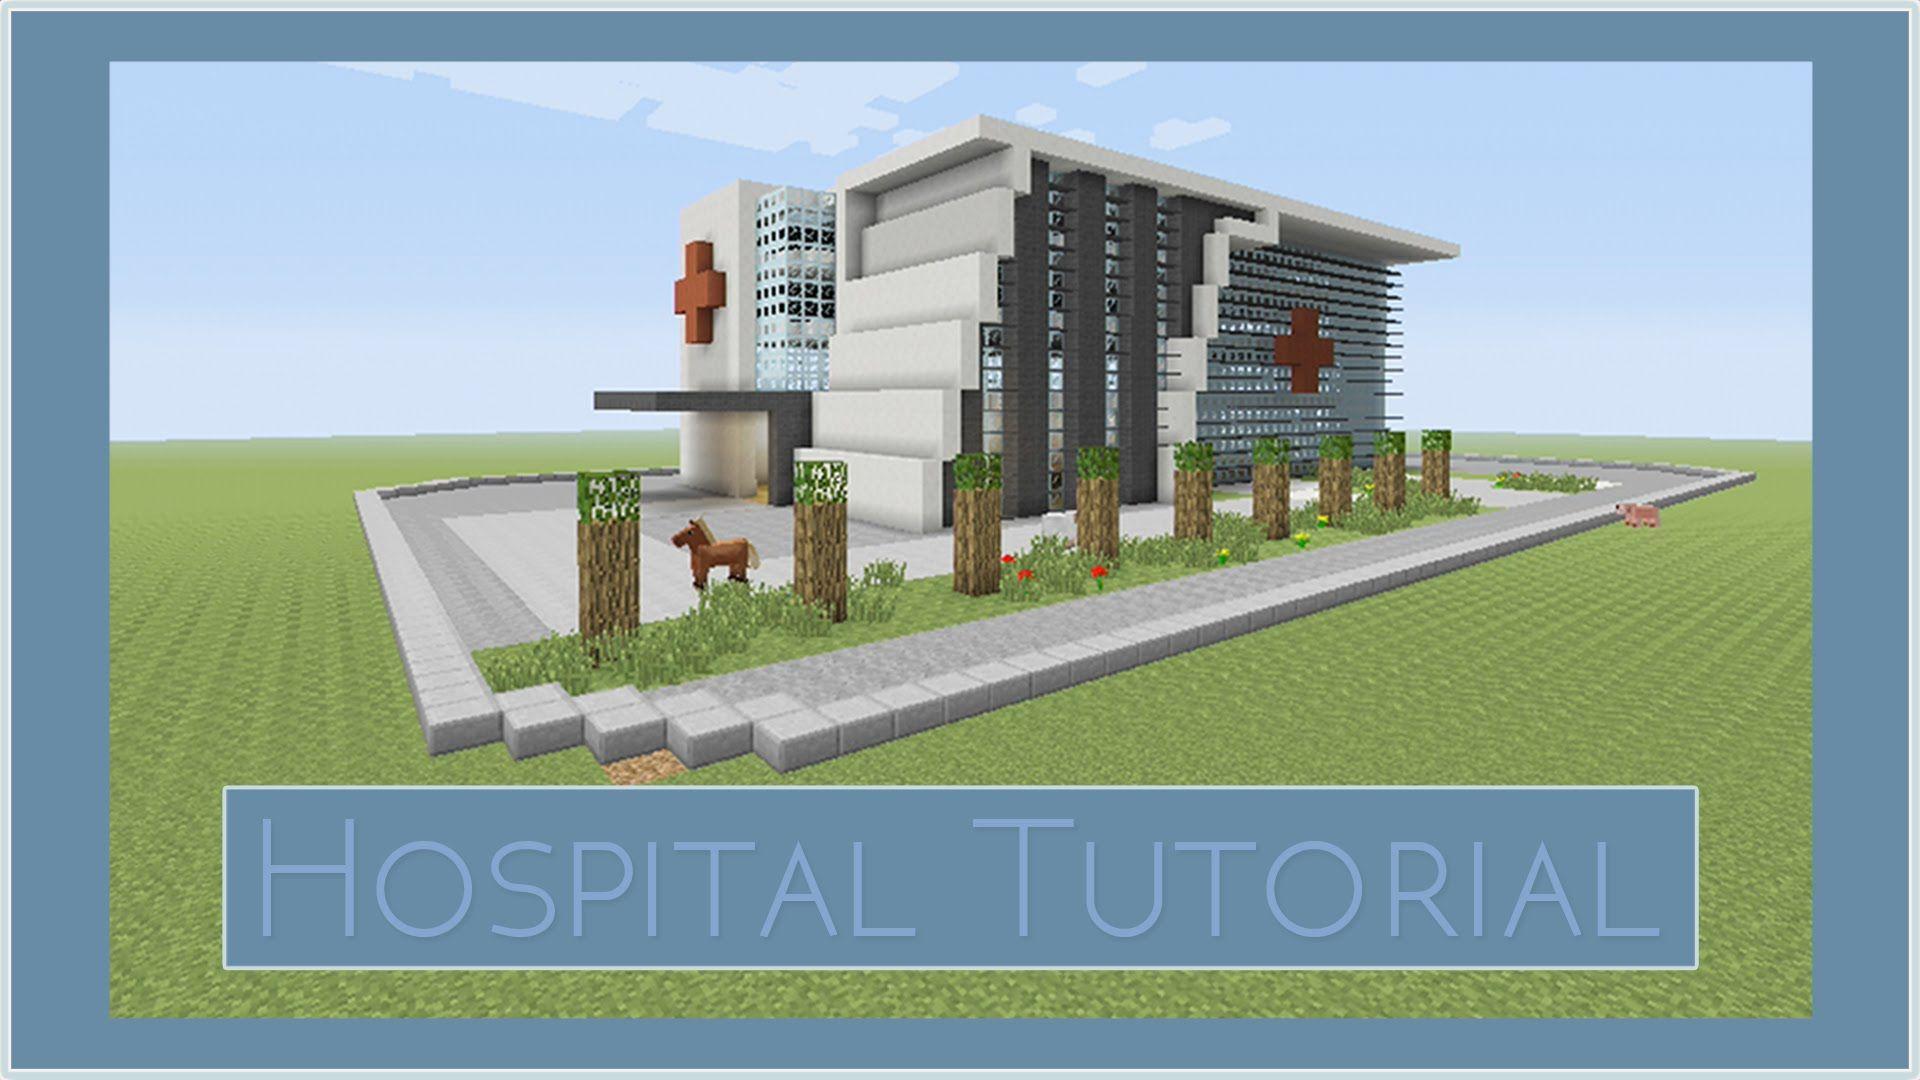 Hotel Tutorial Minecraft Xbox 360 1 MineCraft CityTowns